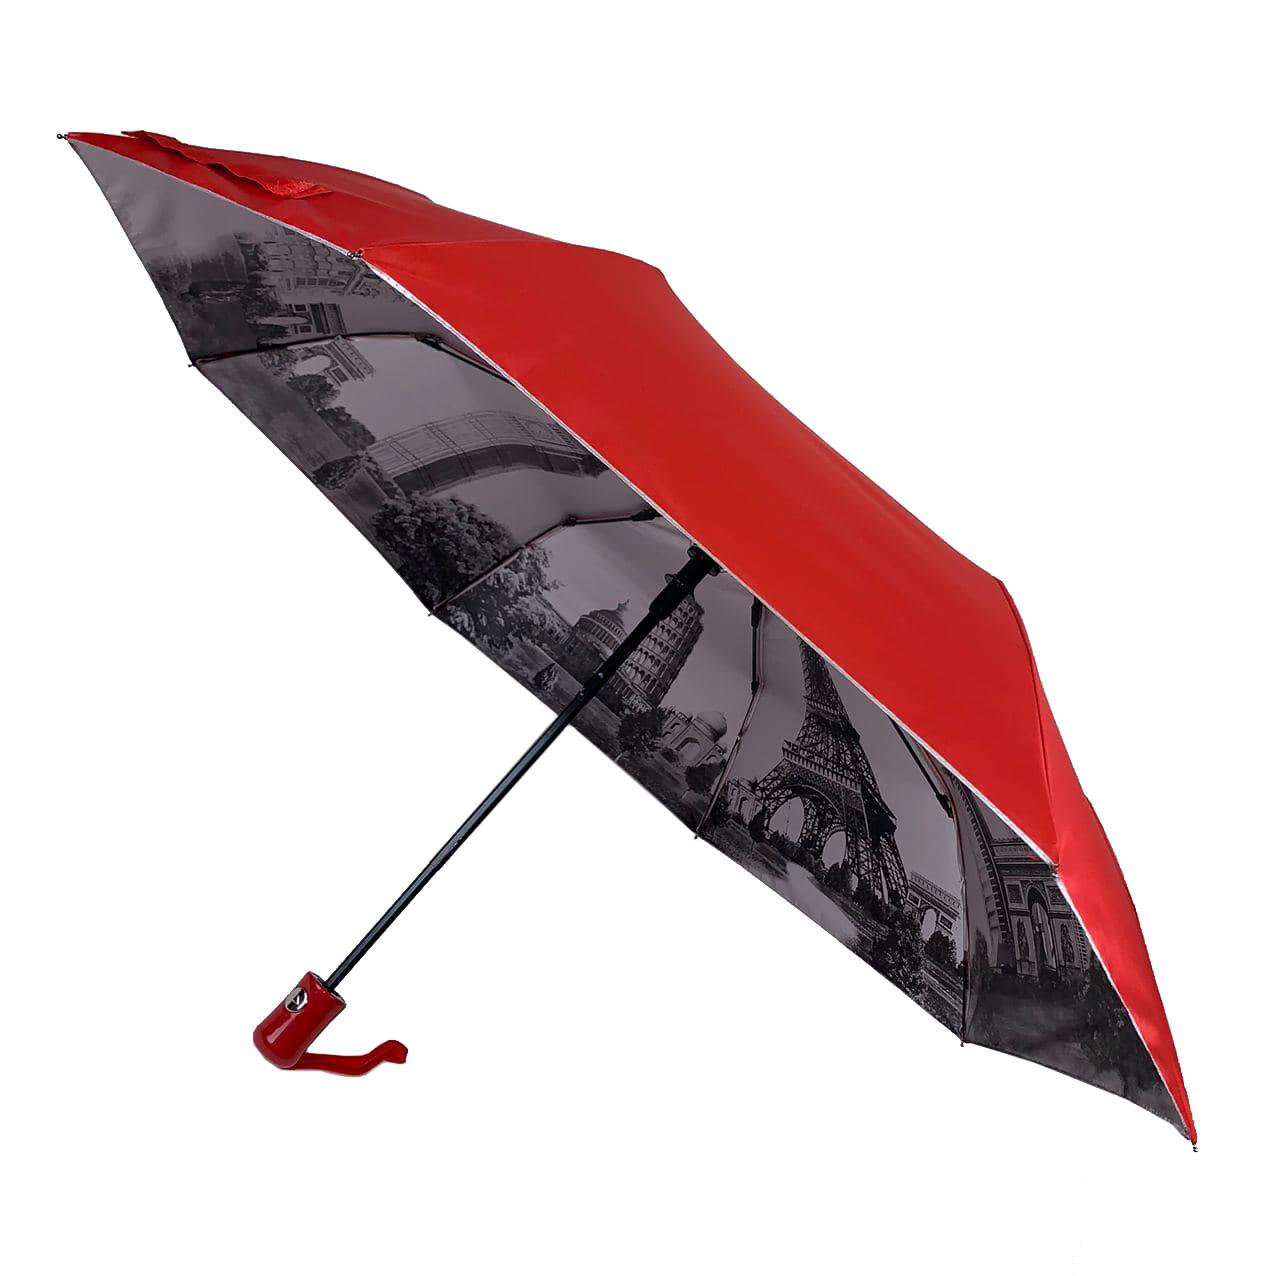 Женский зонтик полуавтомат Bellissimo с узором изнутри и тефлоновой пропиткой, красный, 18315-3